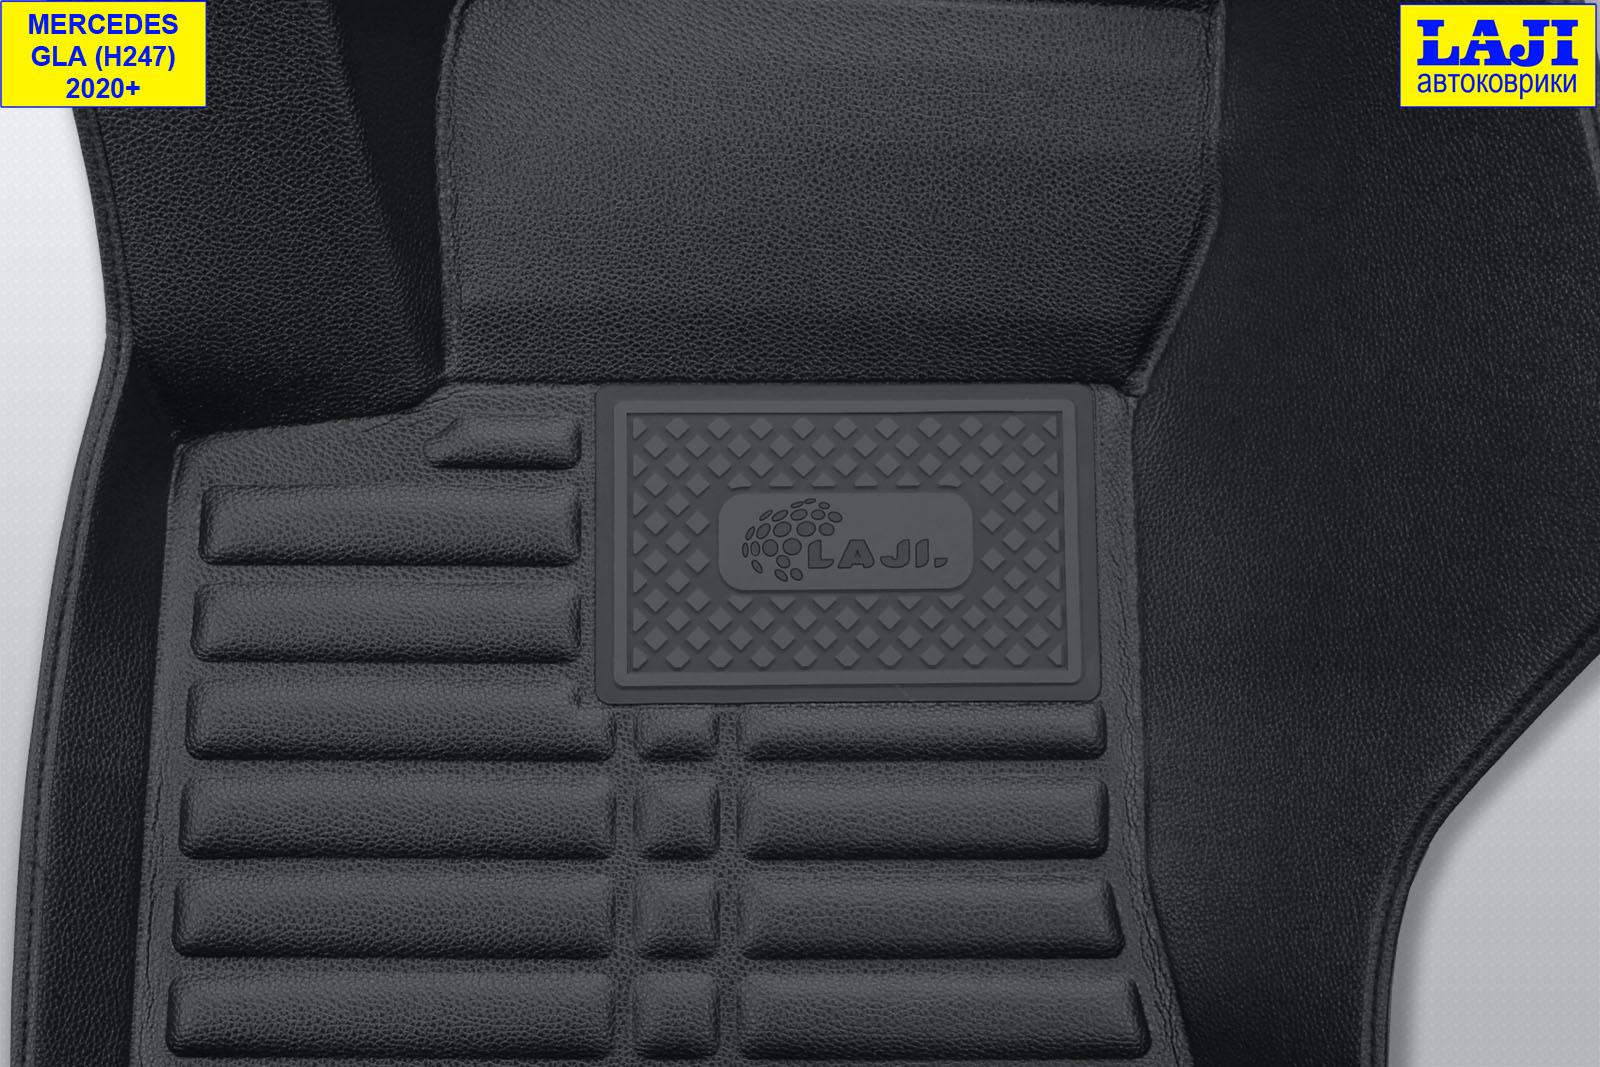 5D коврики в салон Mercedes GLA X156 2013-2020 7